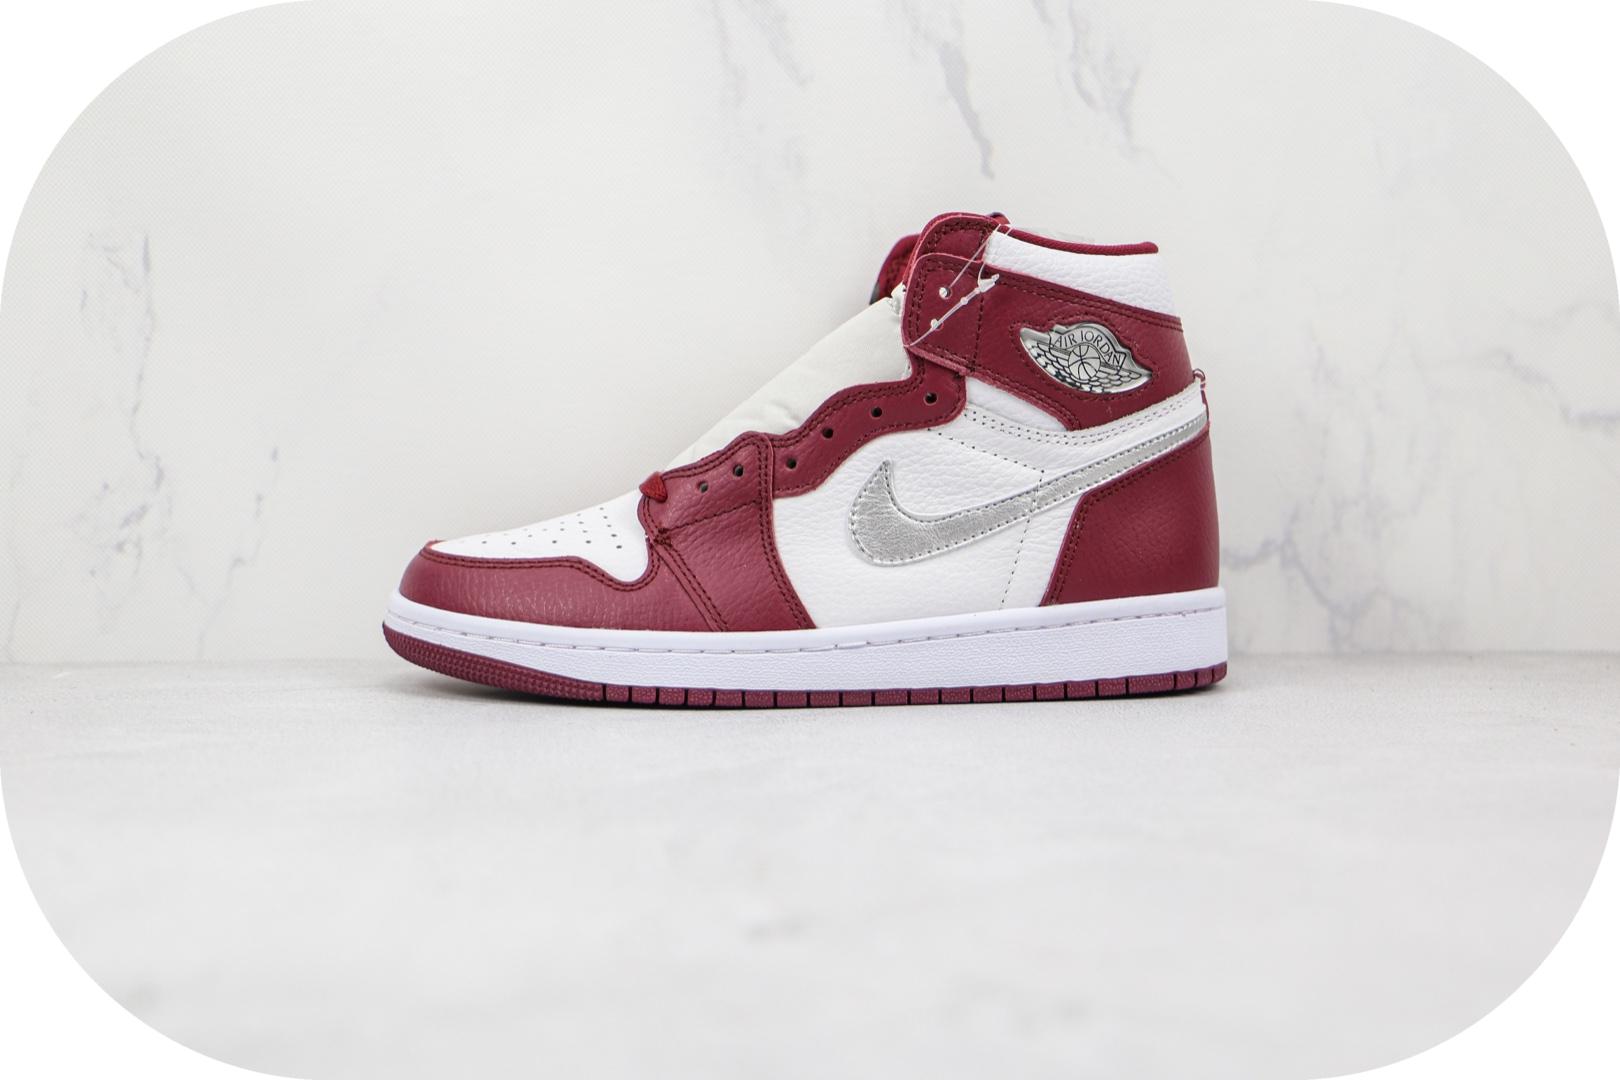 乔丹Air Jordan 1 High OG Bordeaux纯原版本高帮AJ1波尔多酒红色篮球鞋原档案数据开发 货号:555088-611